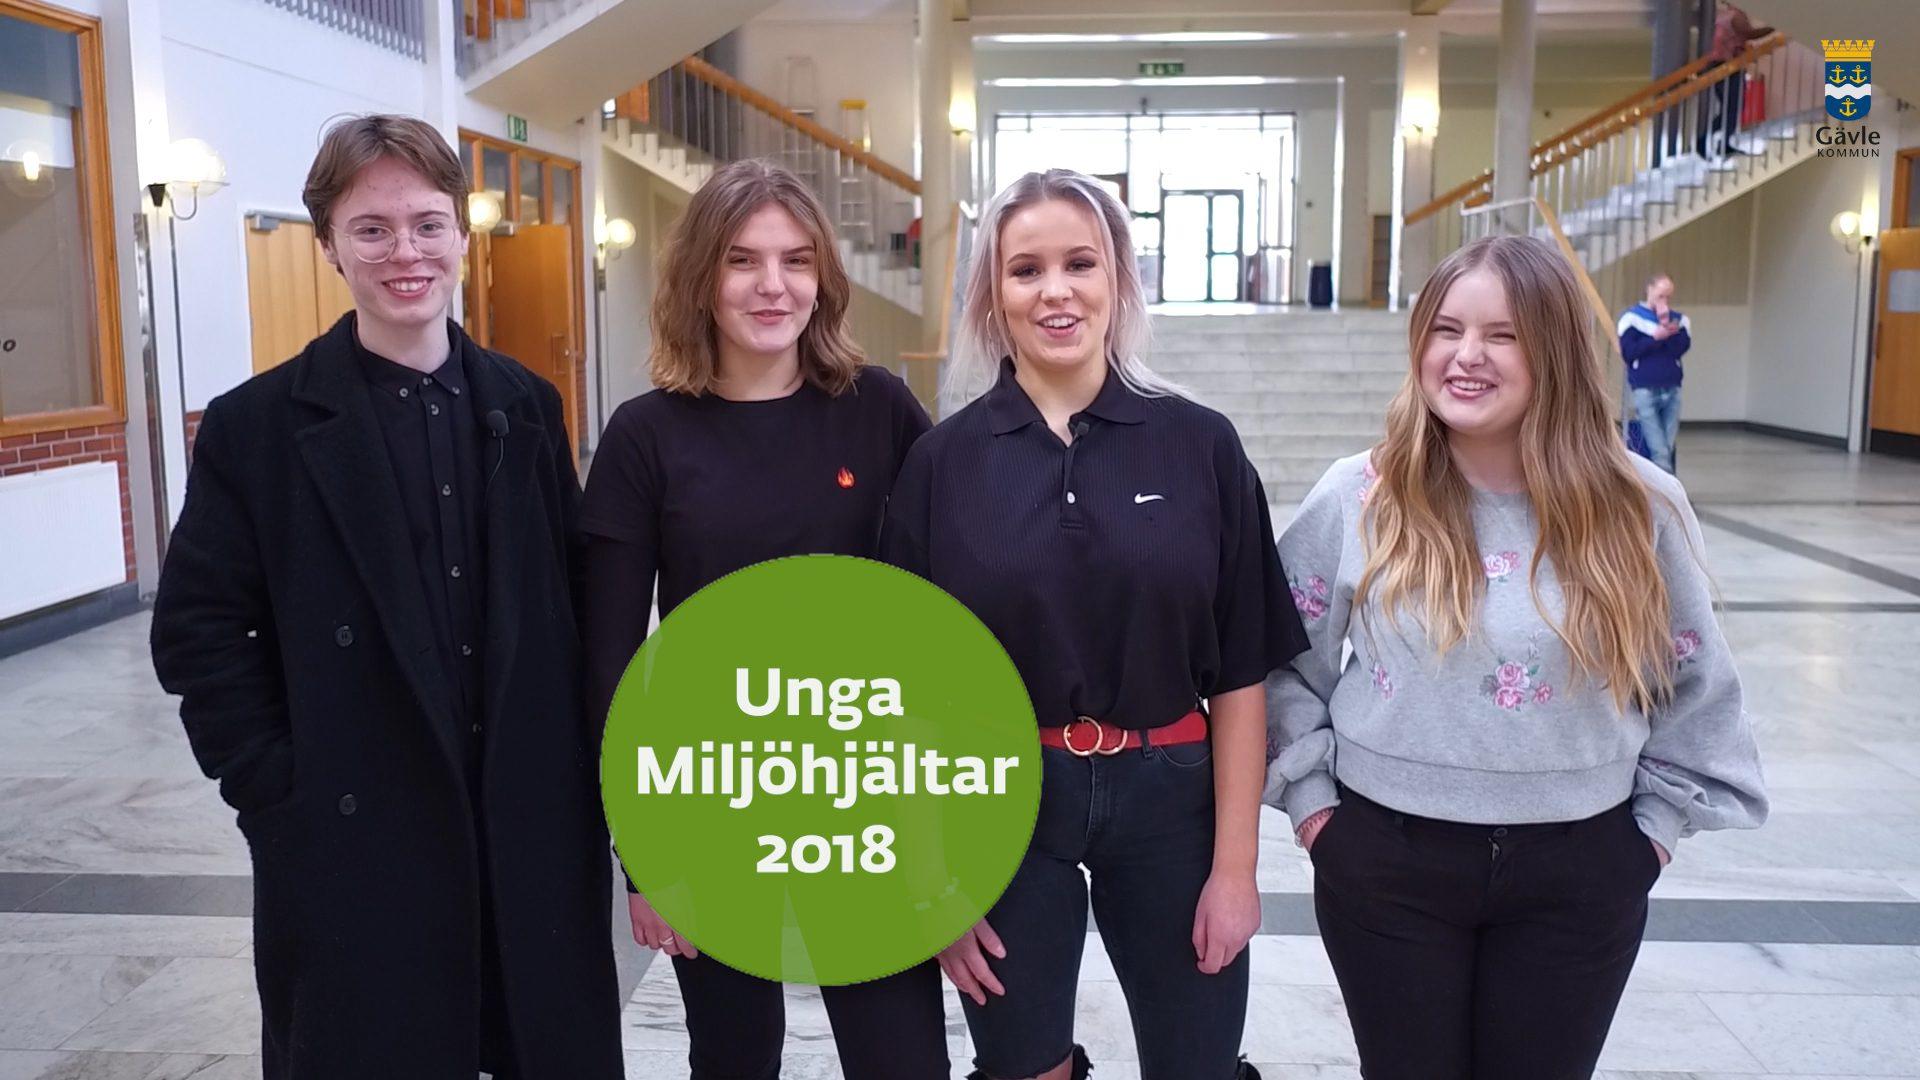 UNGAMILJÖHJÄLTAR2018_GK0